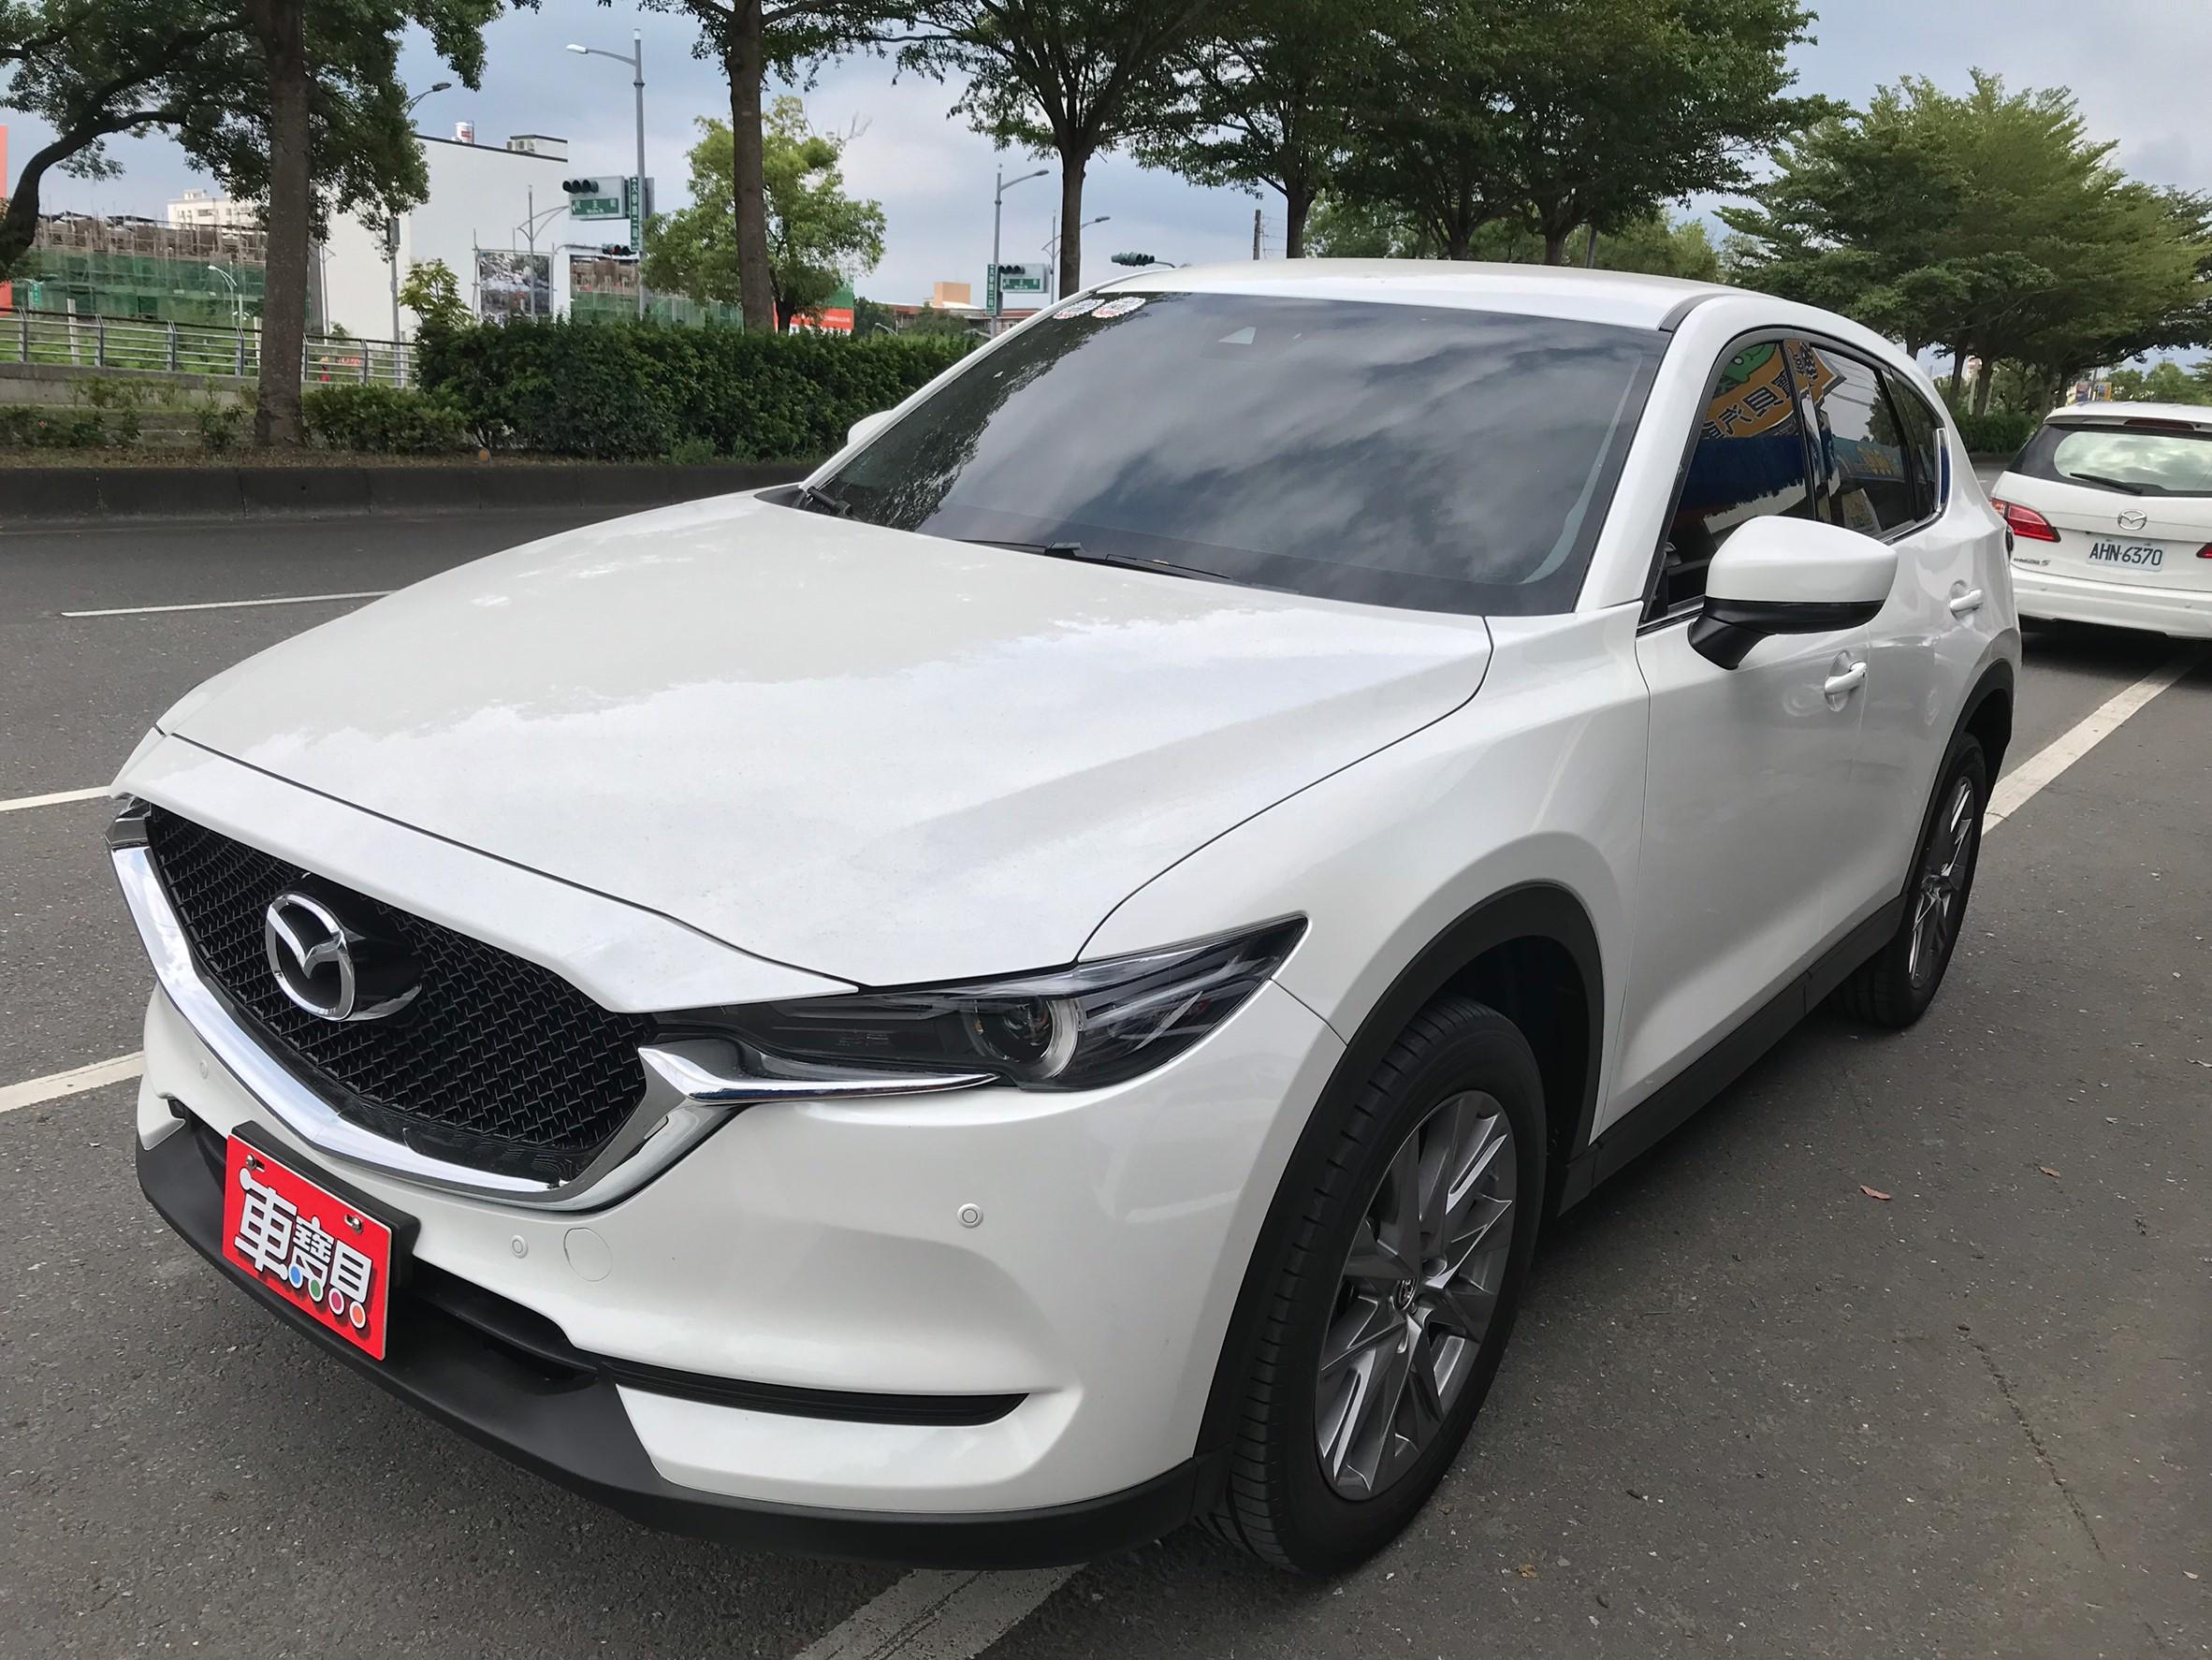 2019 Mazda 馬自達 CX-5